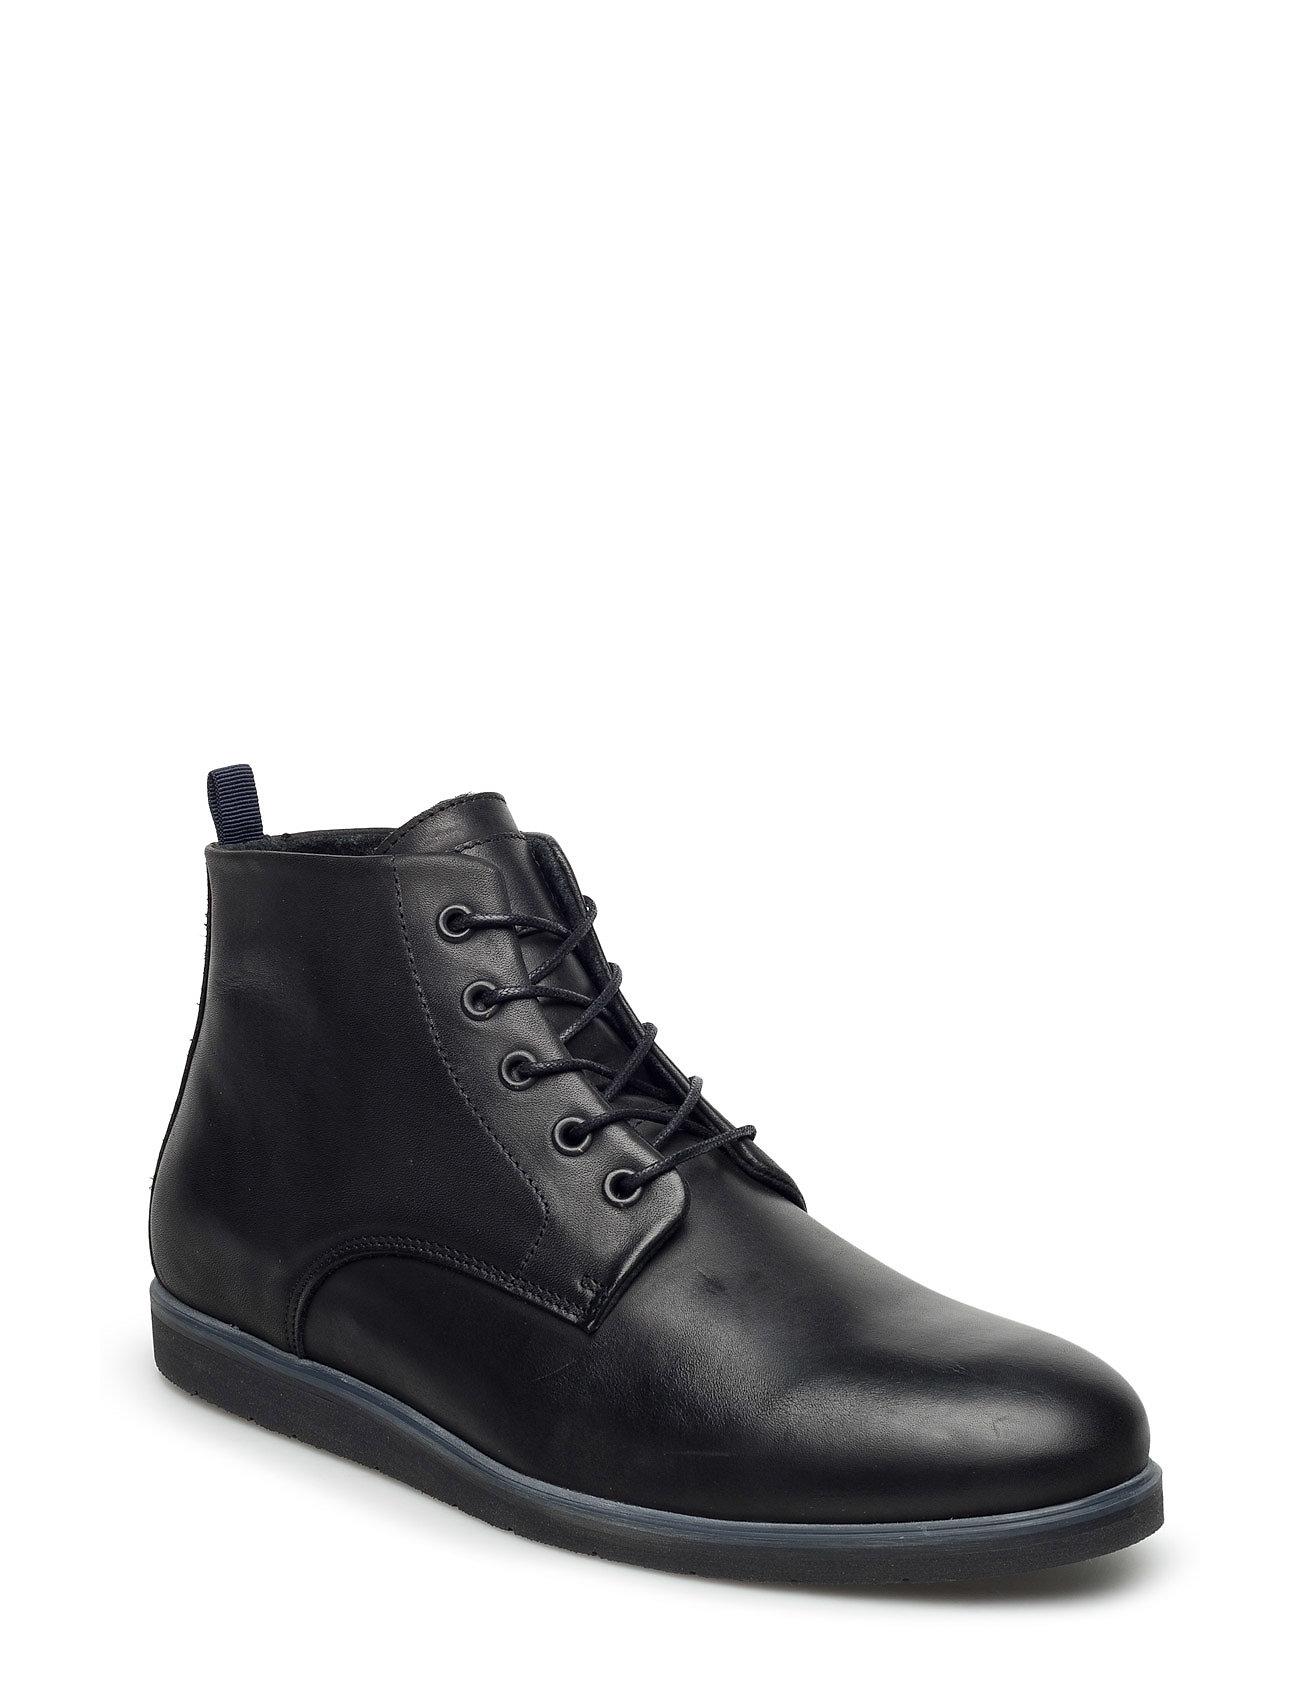 Laced Up Boot Exp17 Bianco Casual sko til Herrer i Sort